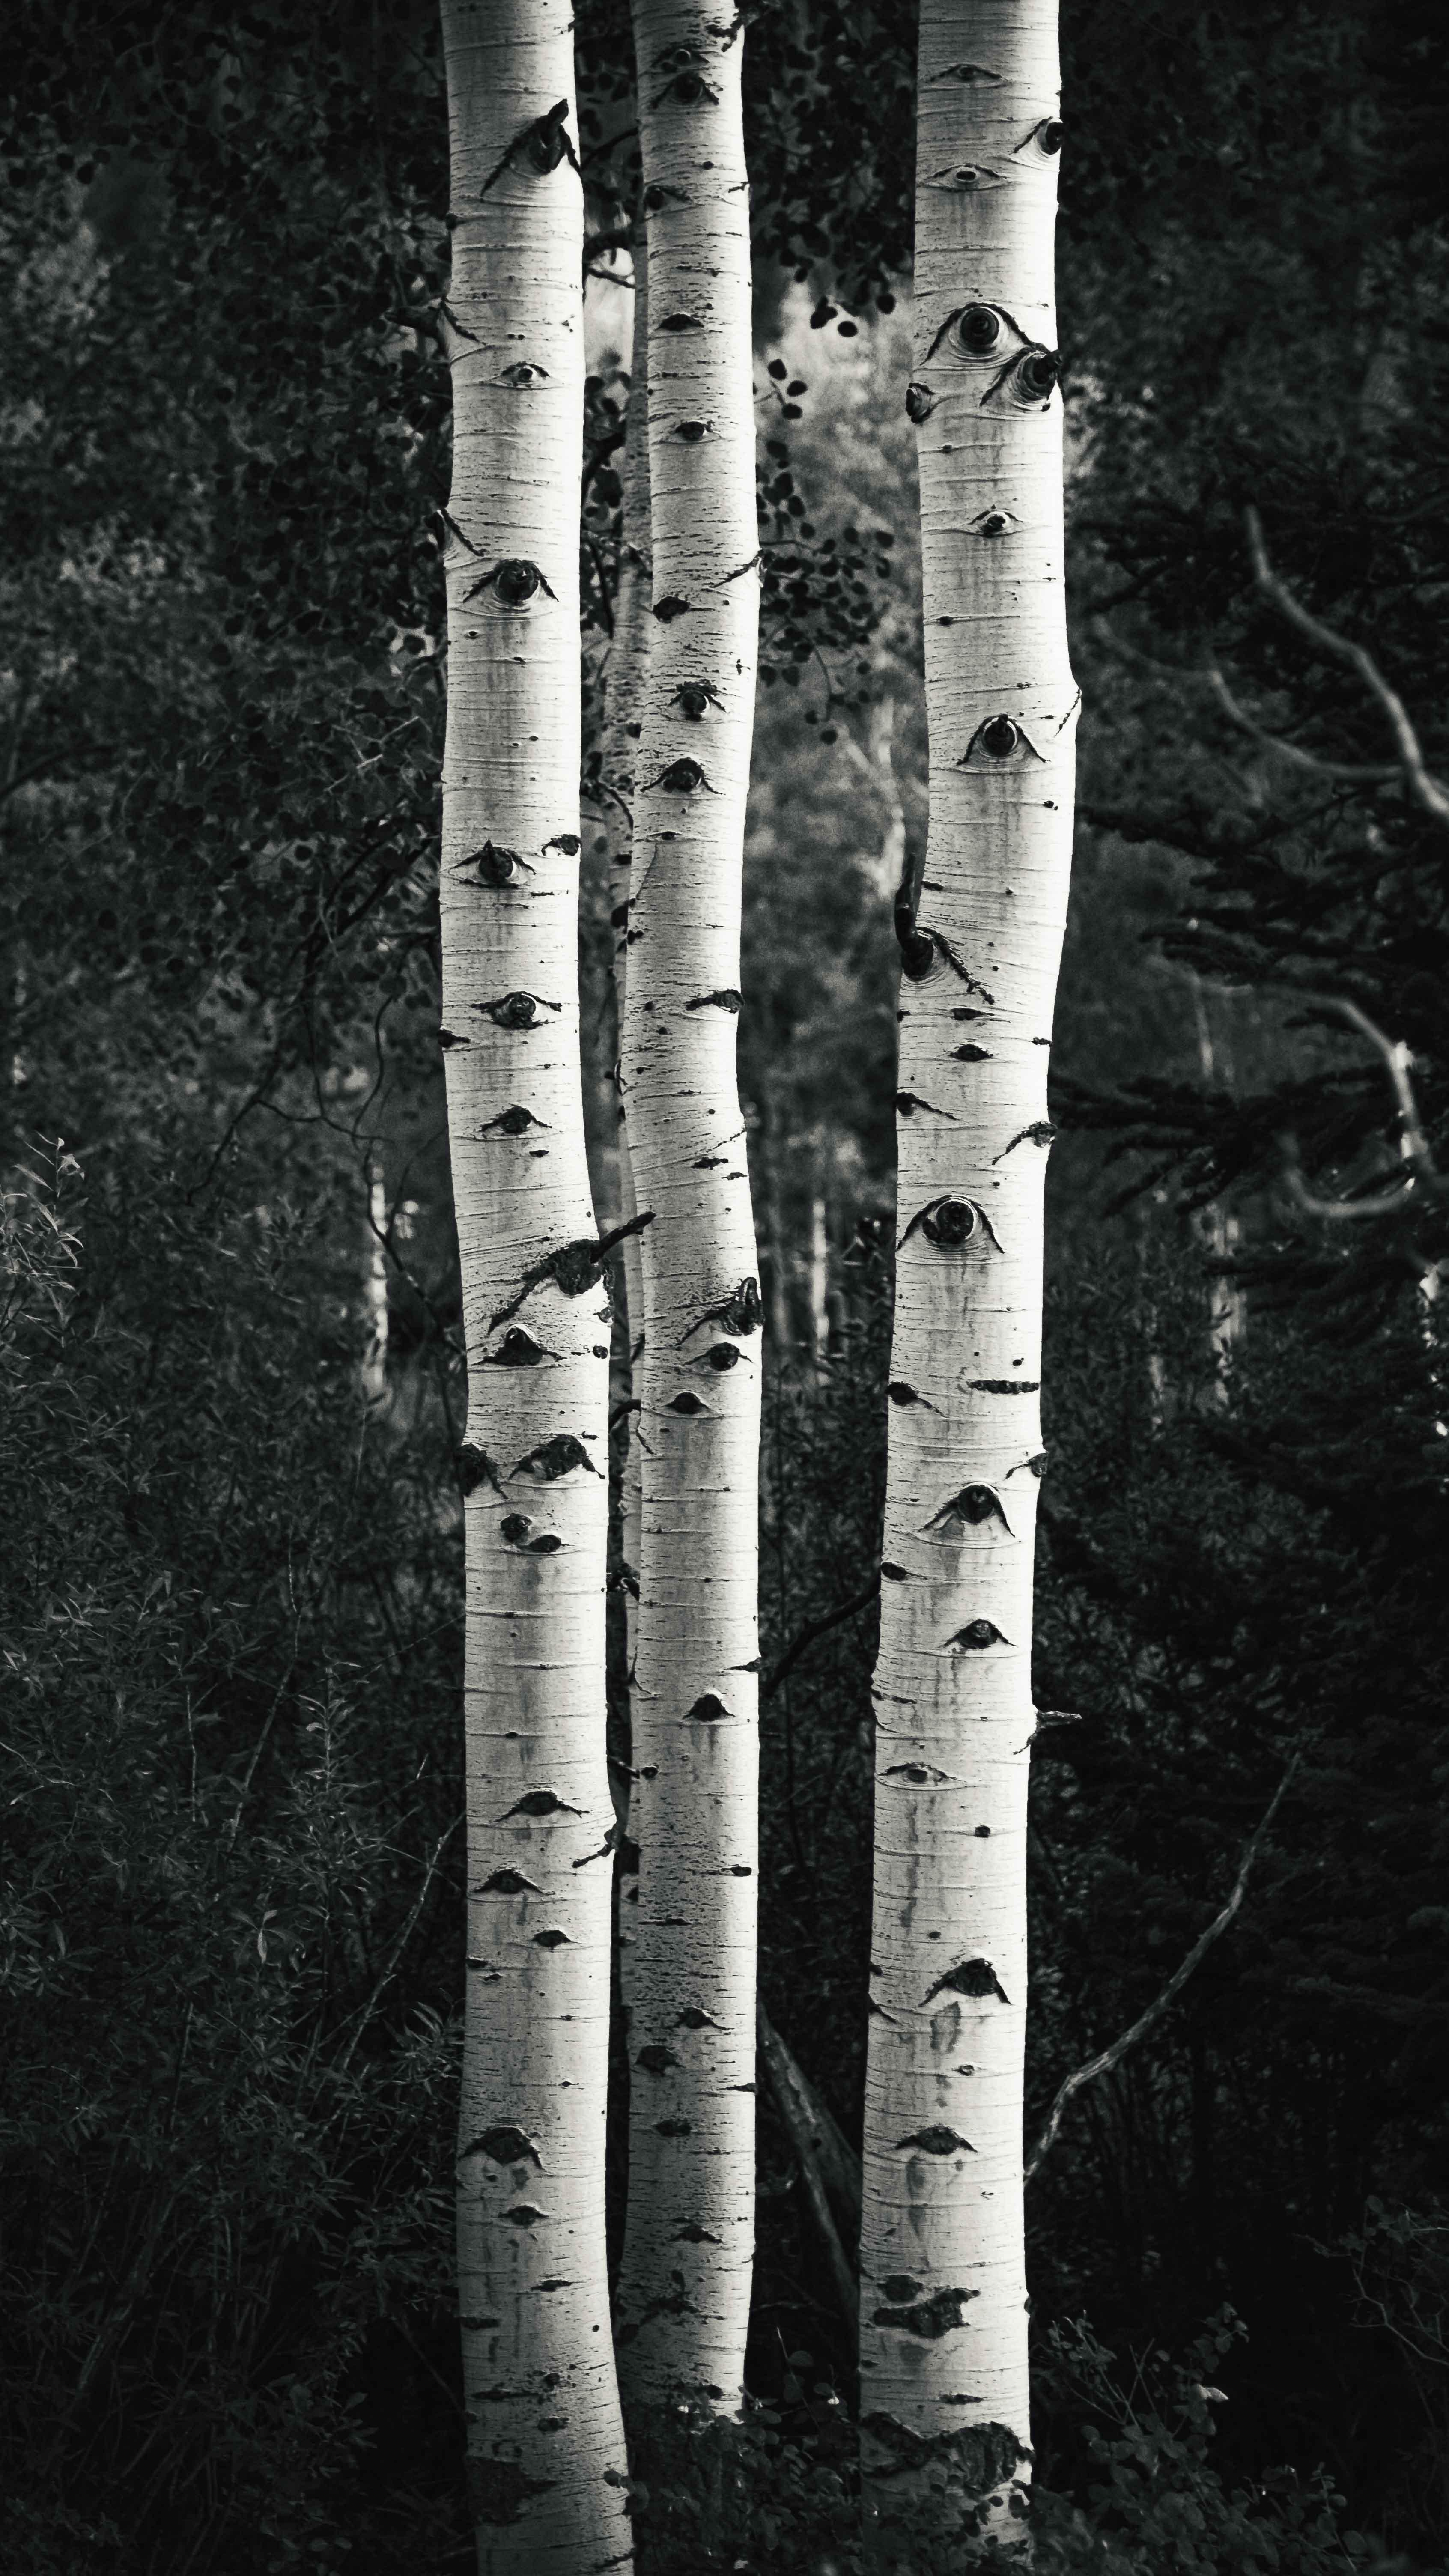 neilson landscape travel photography utah aspen black and white